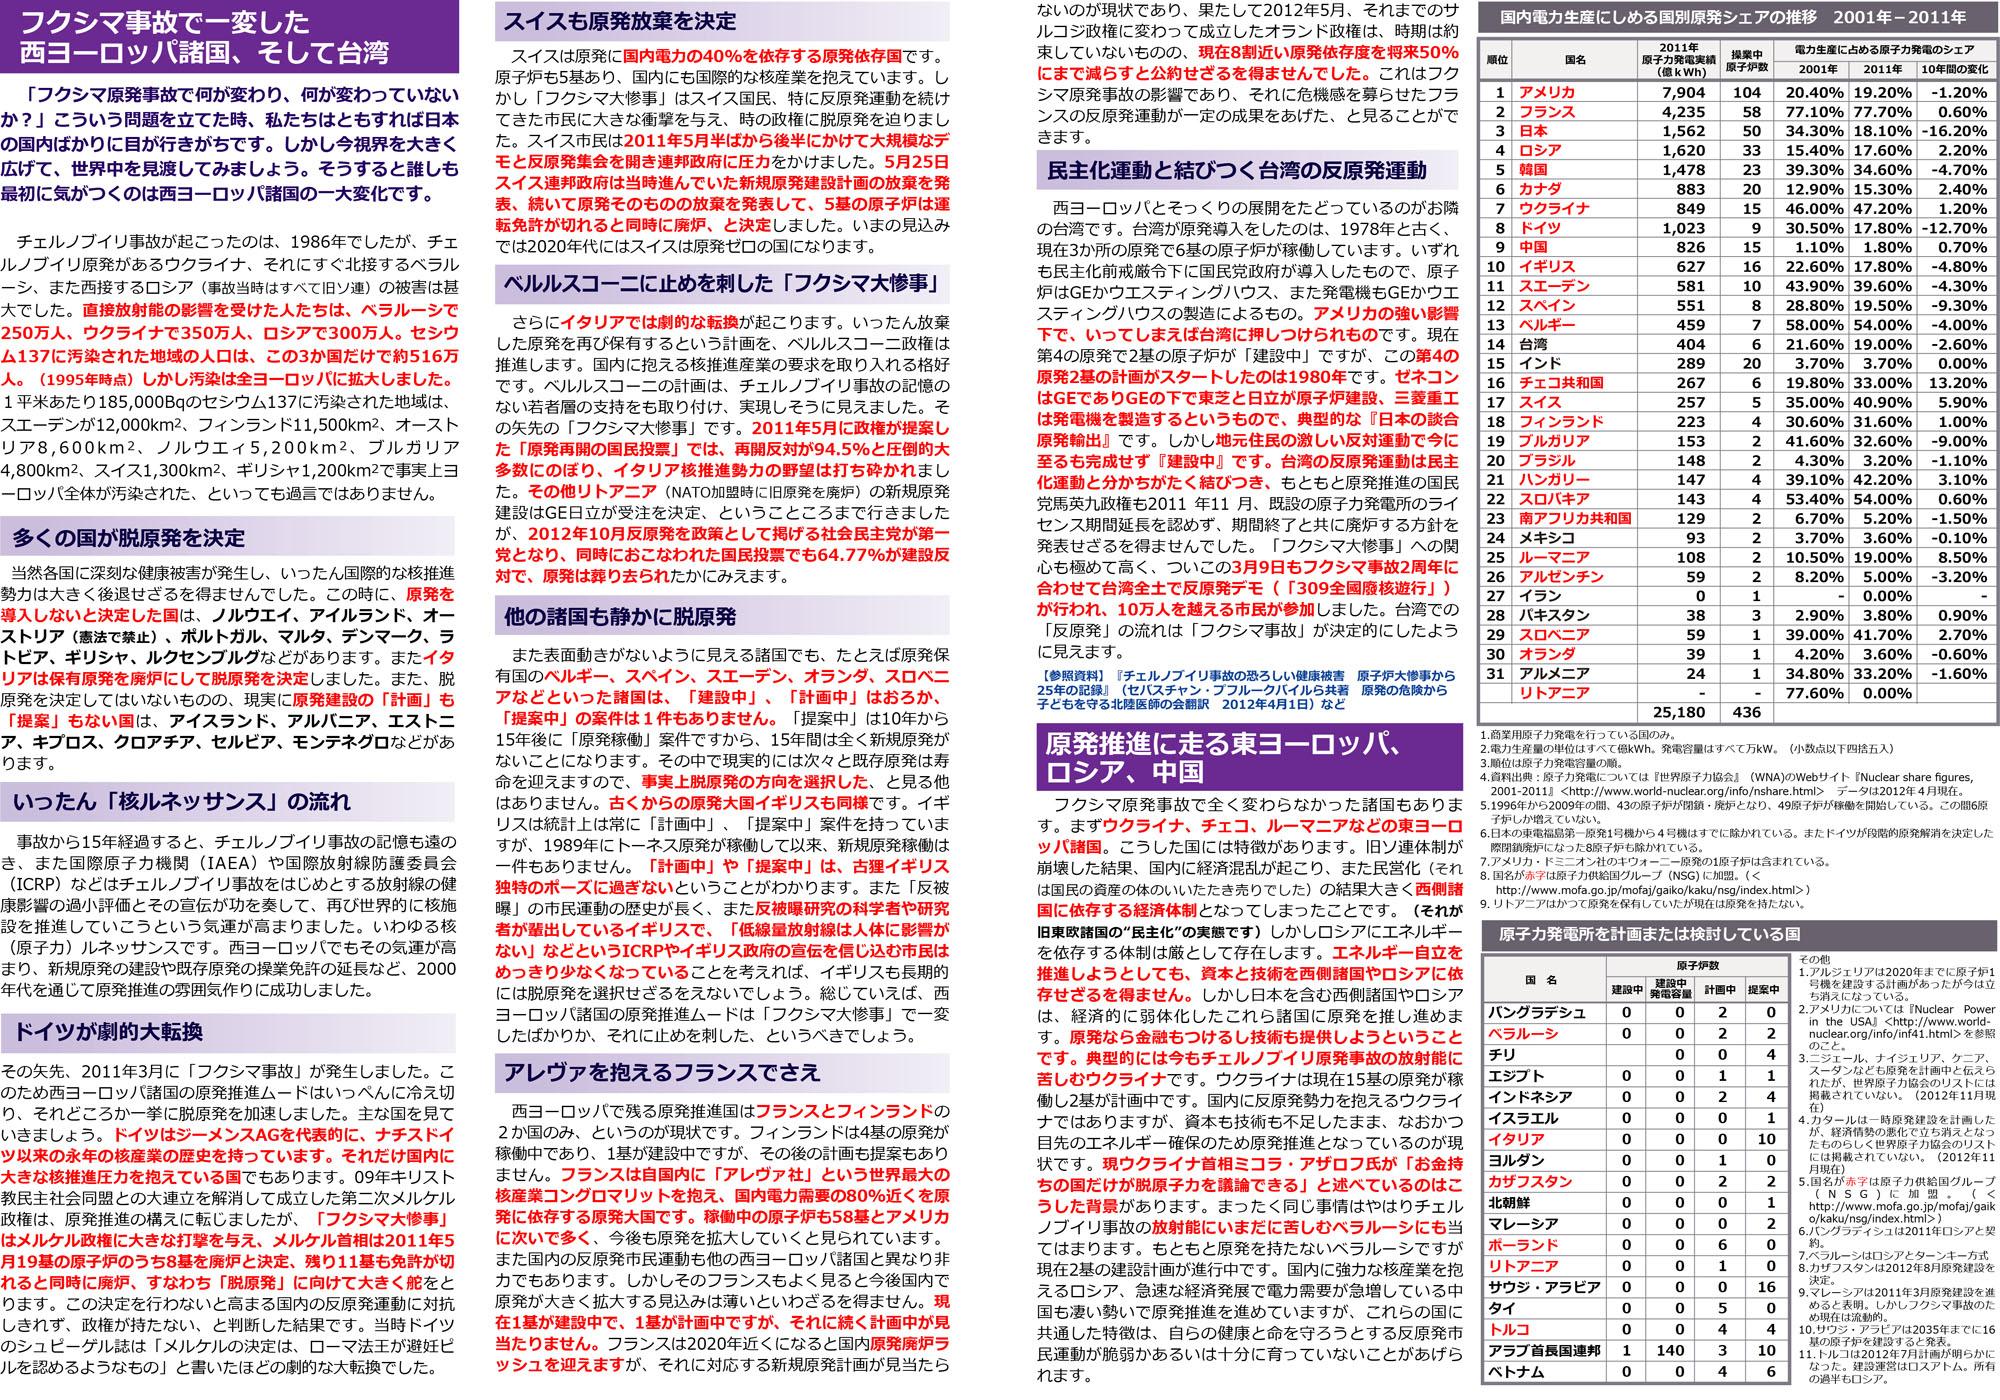 ファイル 110-2.jpg